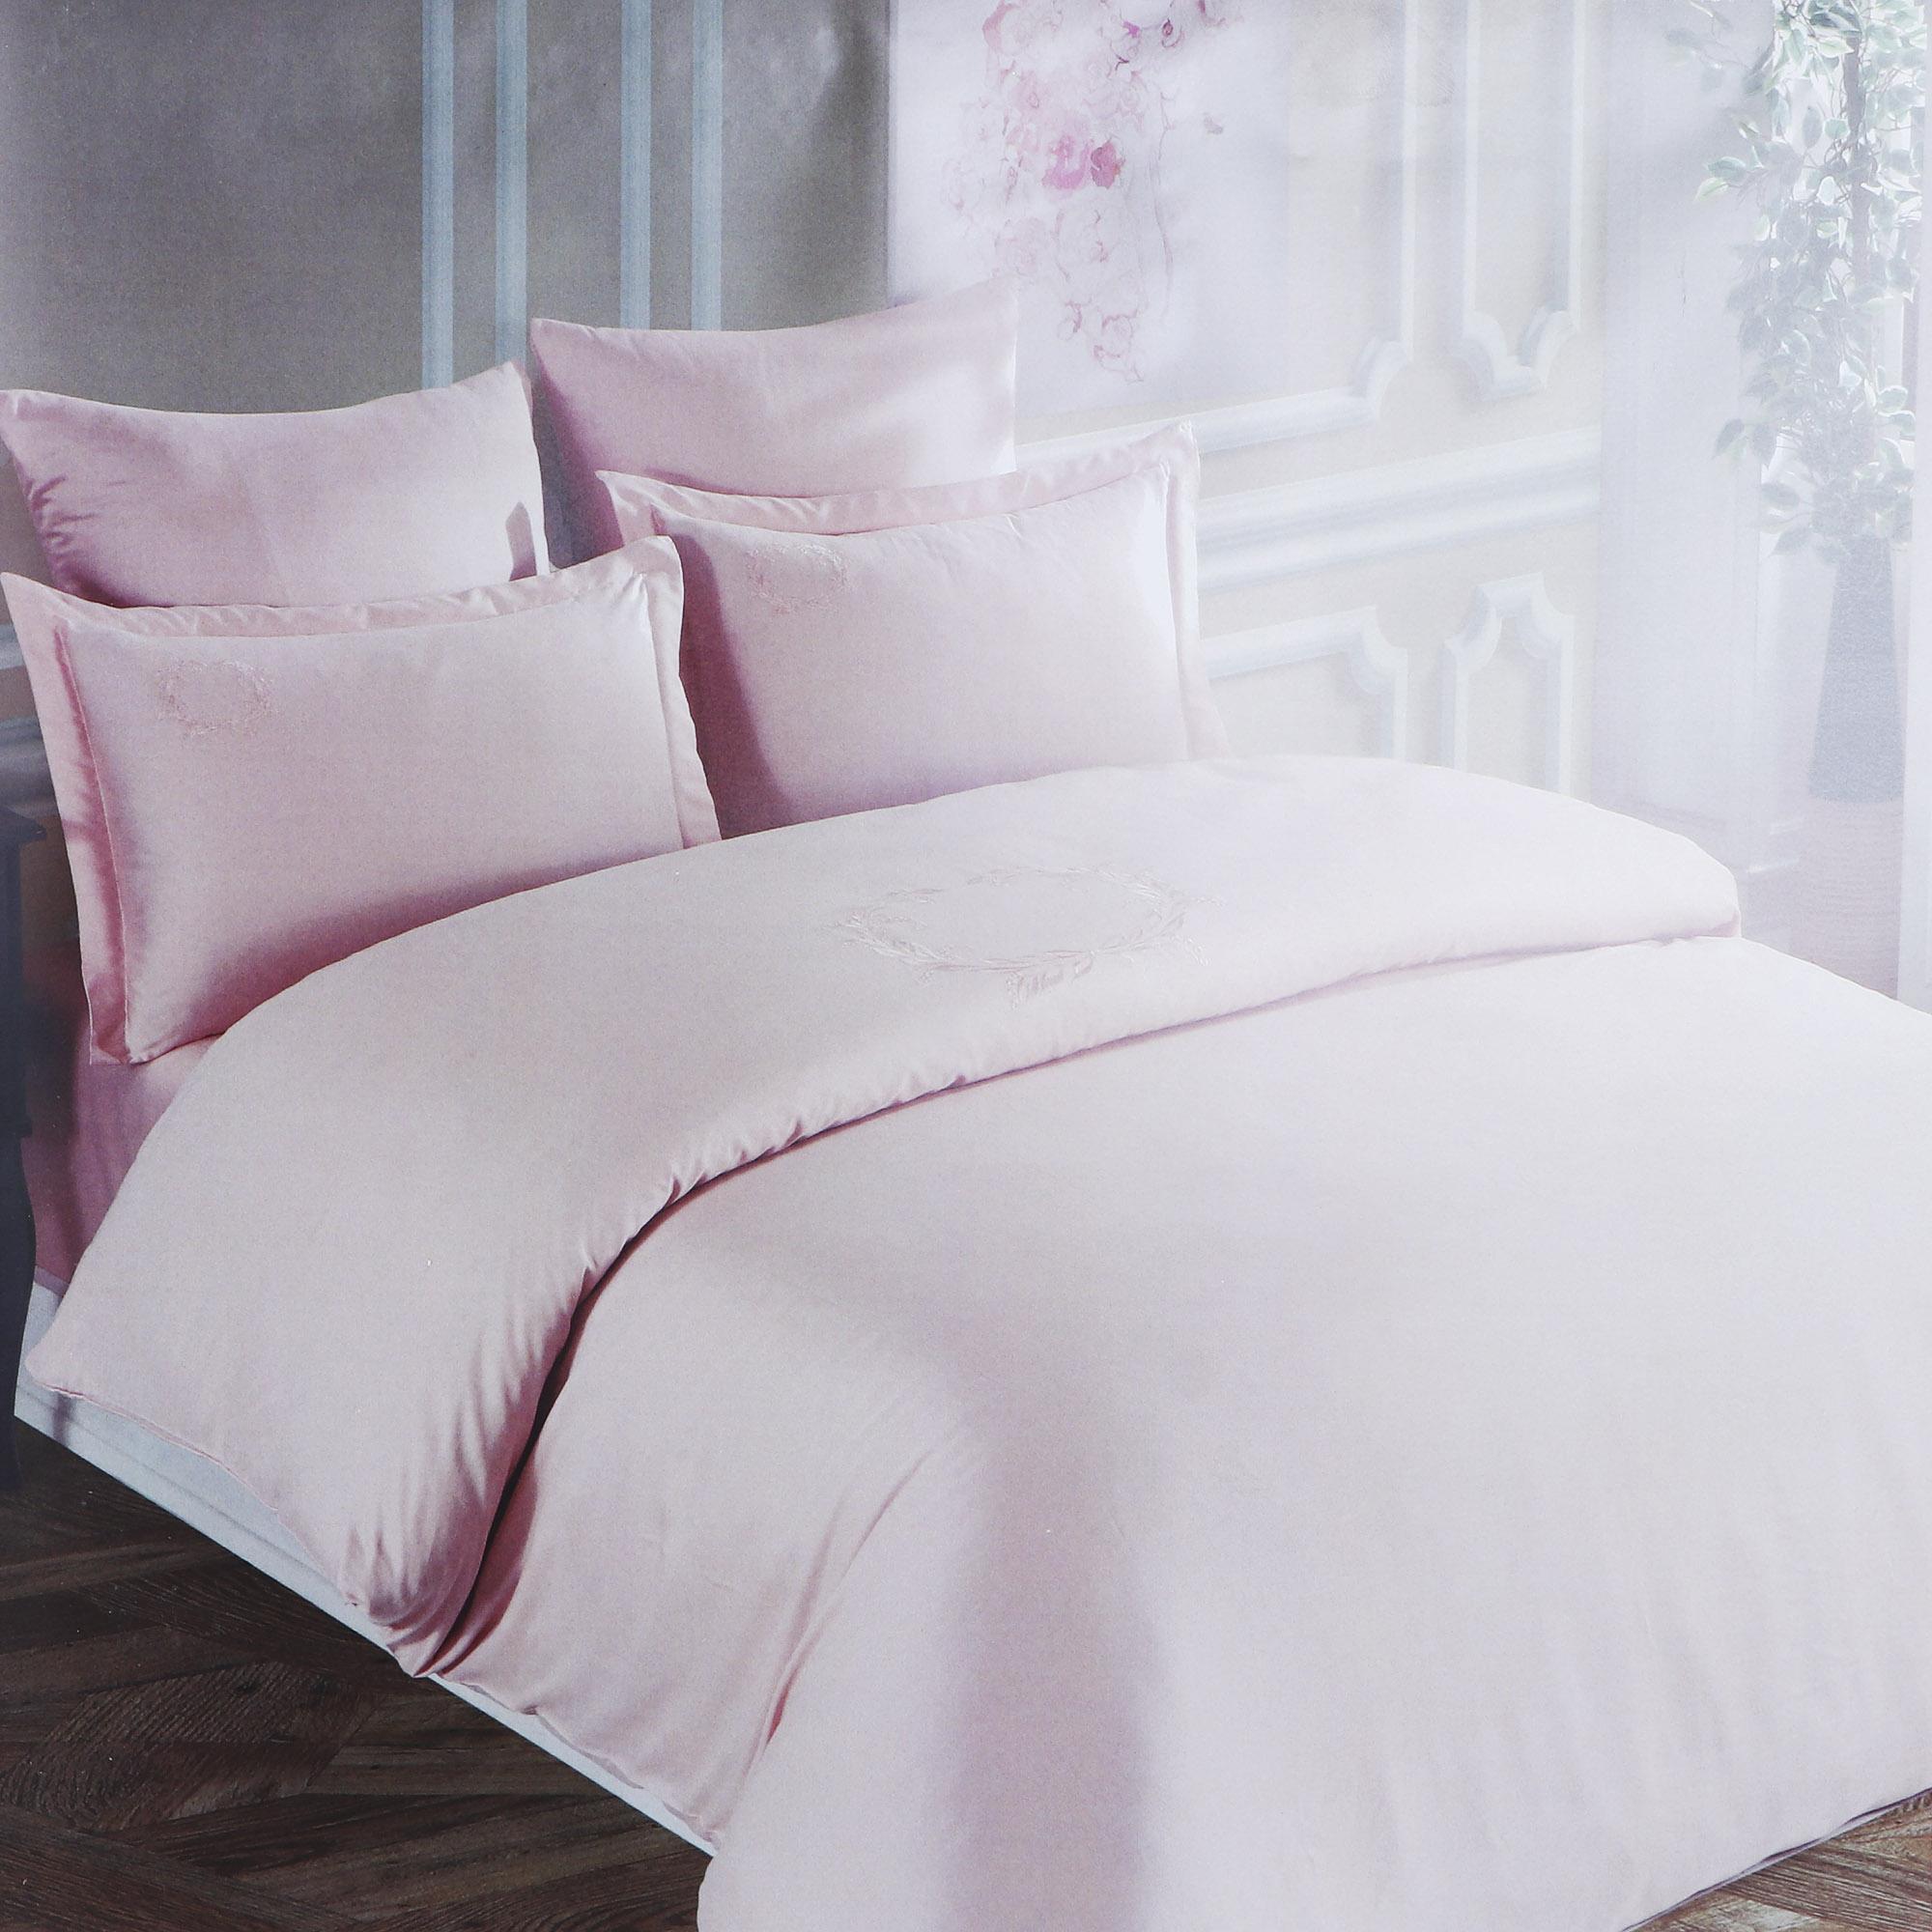 Постельный комплект Colors of fashion евро bambo l.pink aft-017